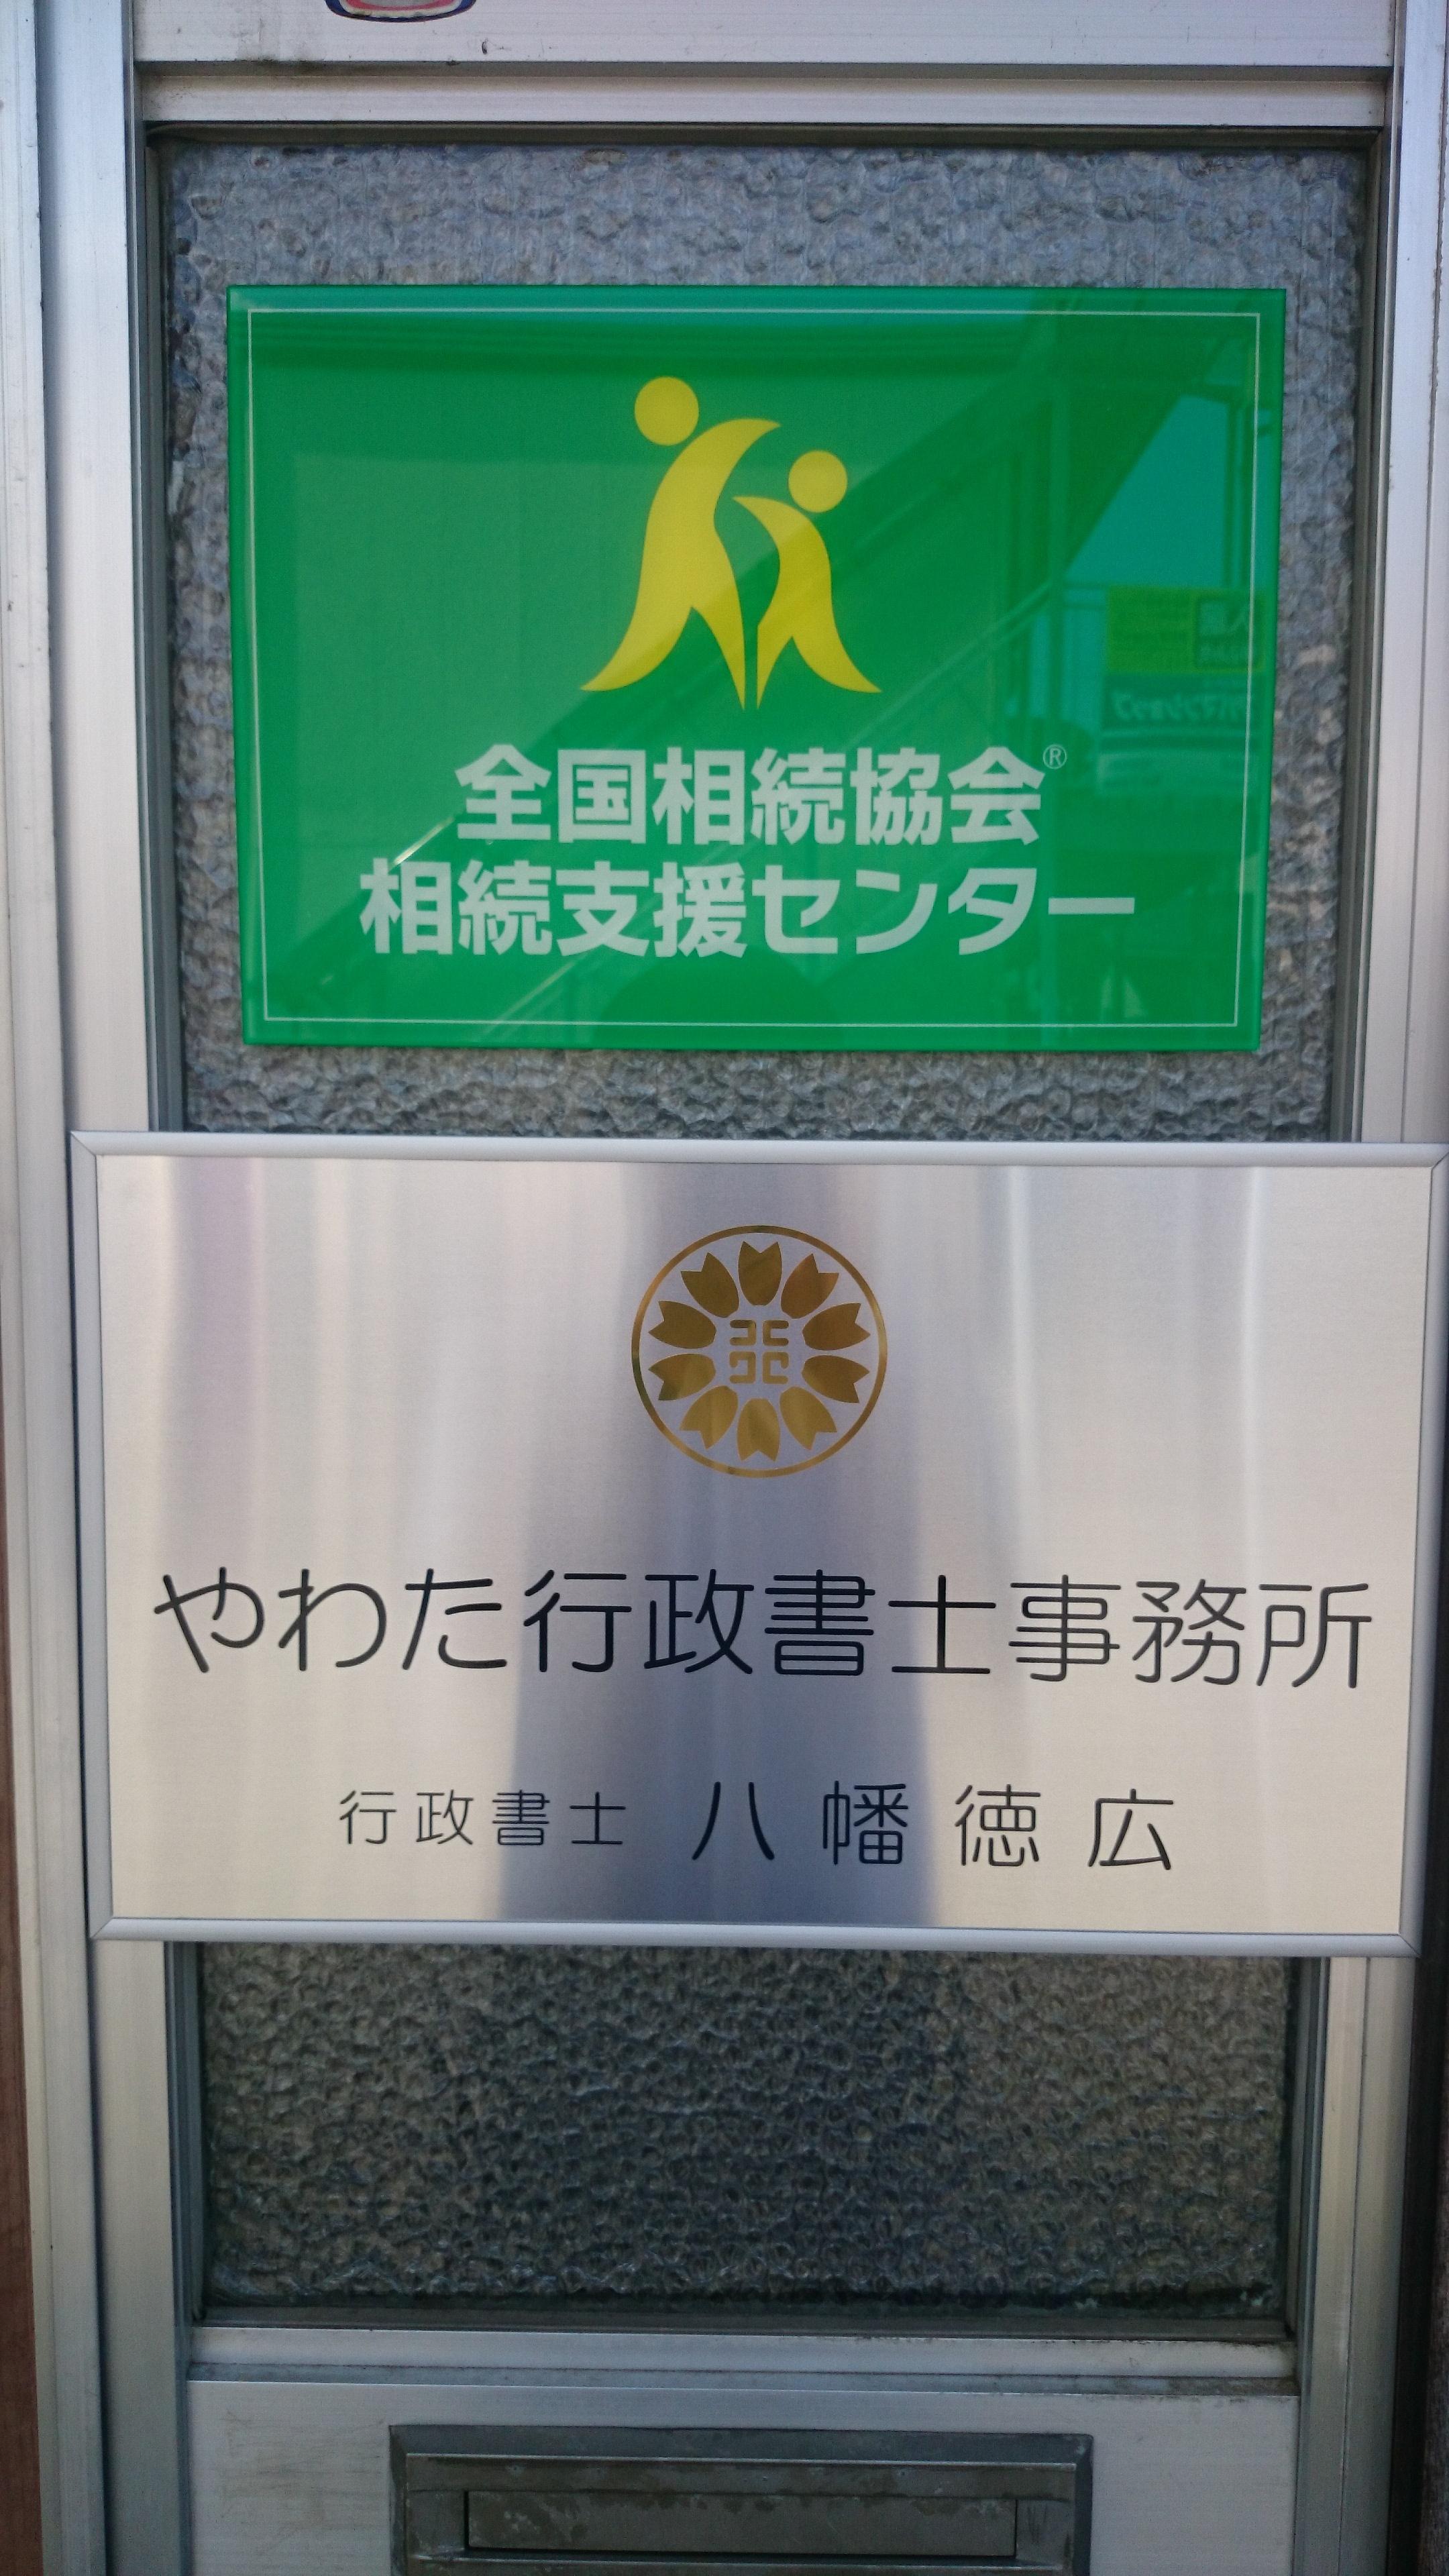 八幡徳広先生_事務所看板